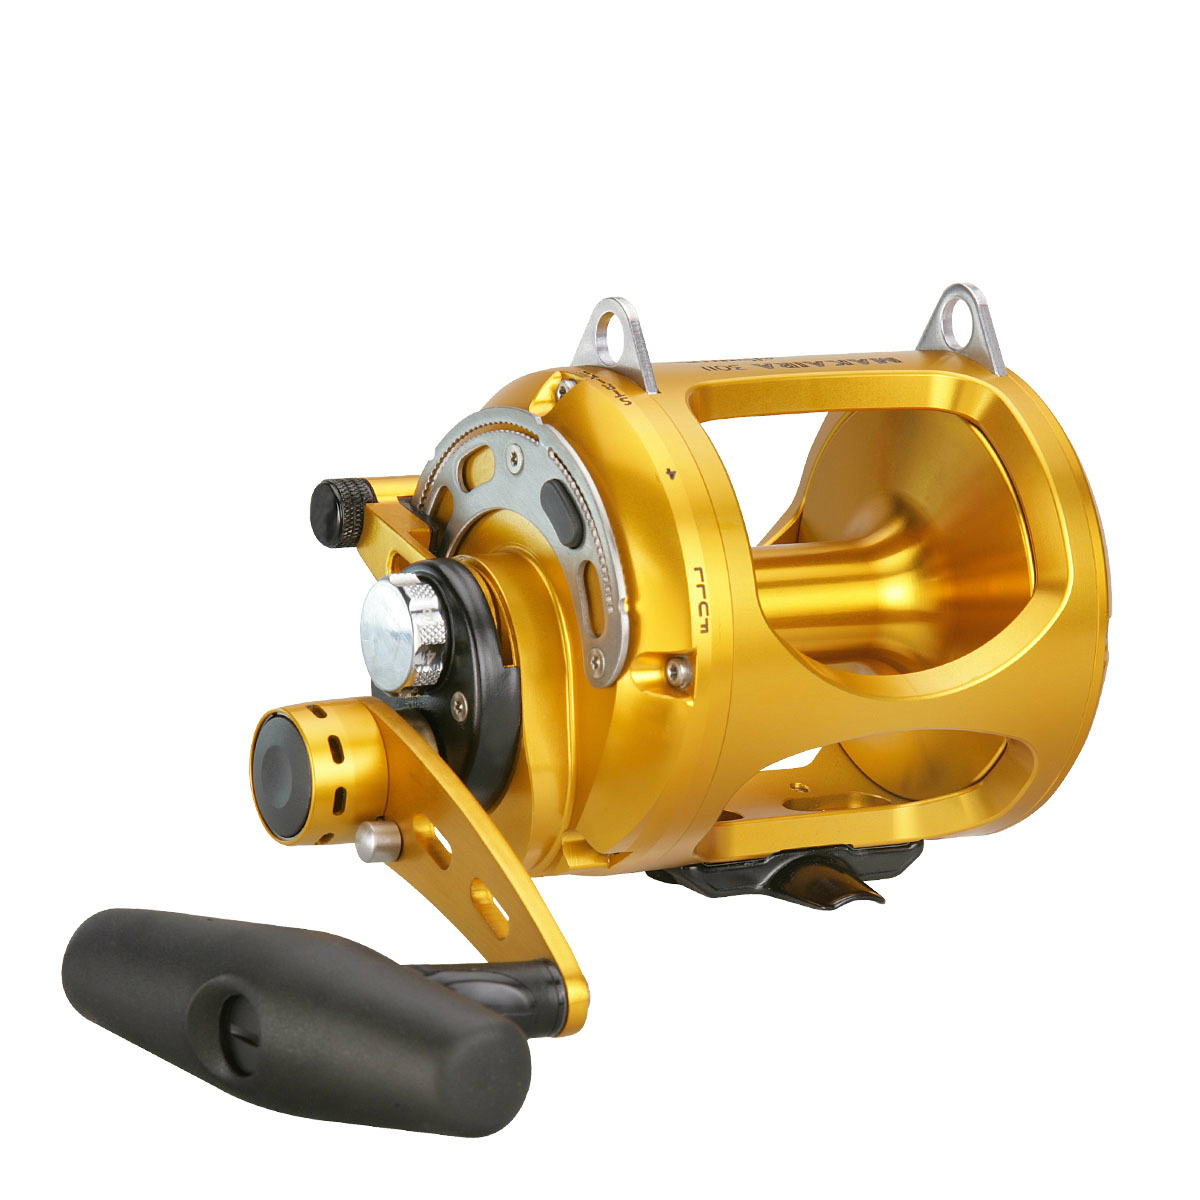 Okuma MK appâts moulage bobine engins de pêche 4 + 1BB Double poussée coulée tambour roue en alliage d'aluminium océan pêche roue Bastcasting Pesca